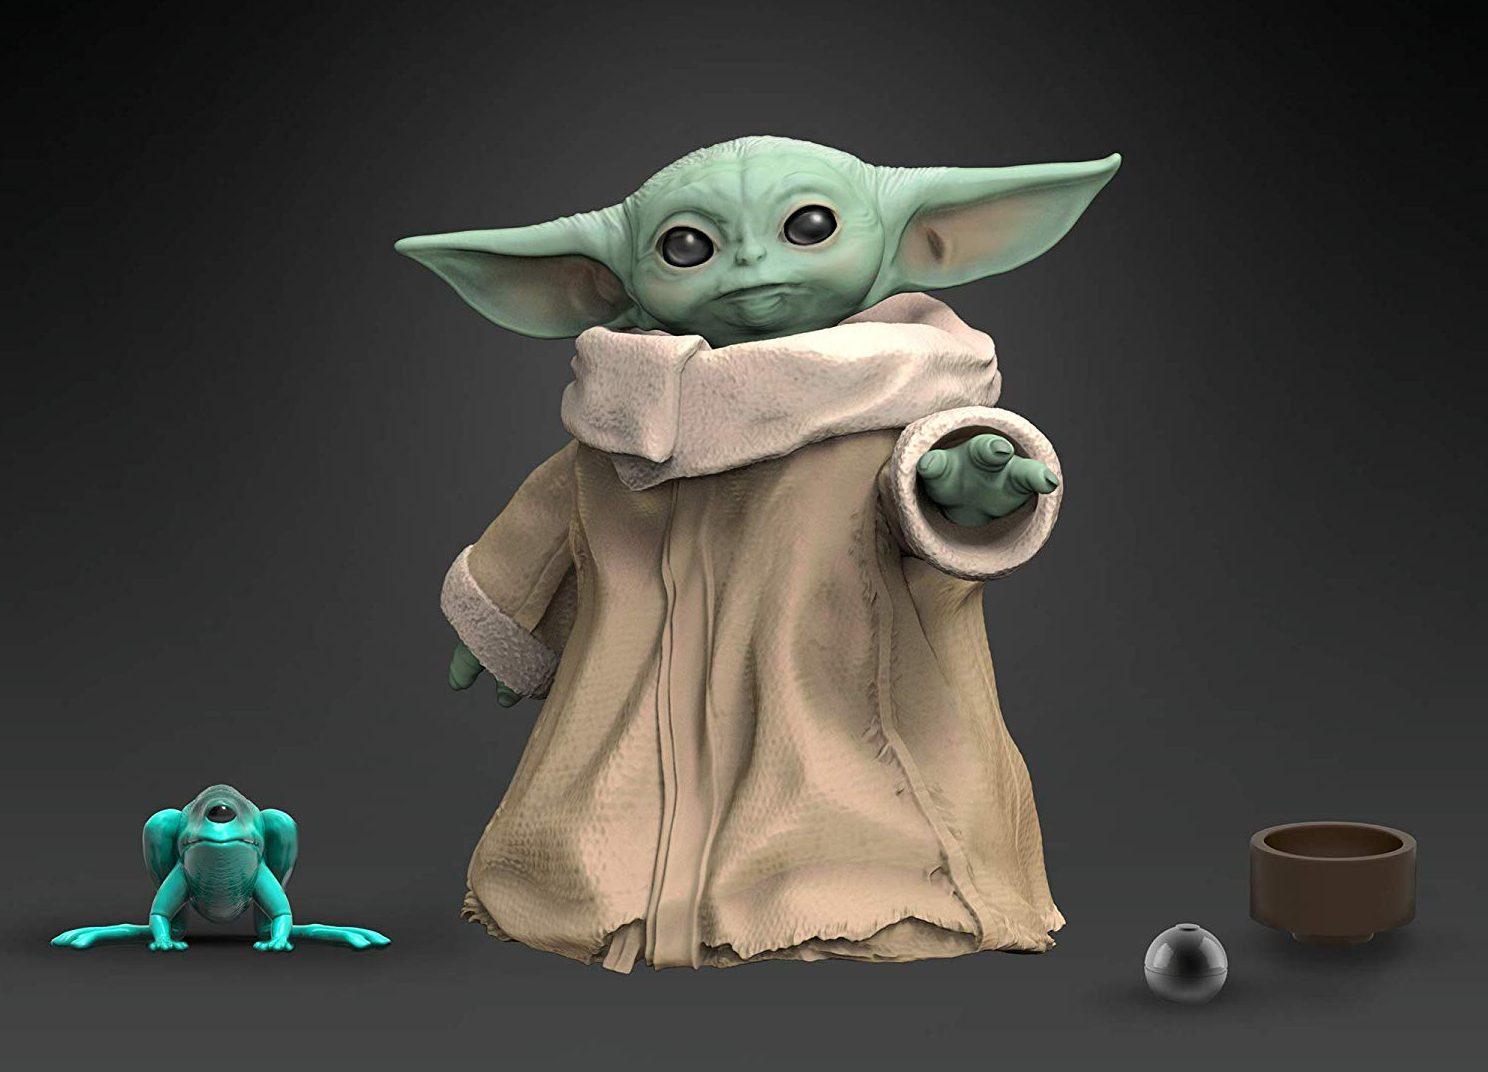 Hasbro Baby Yoda Toys